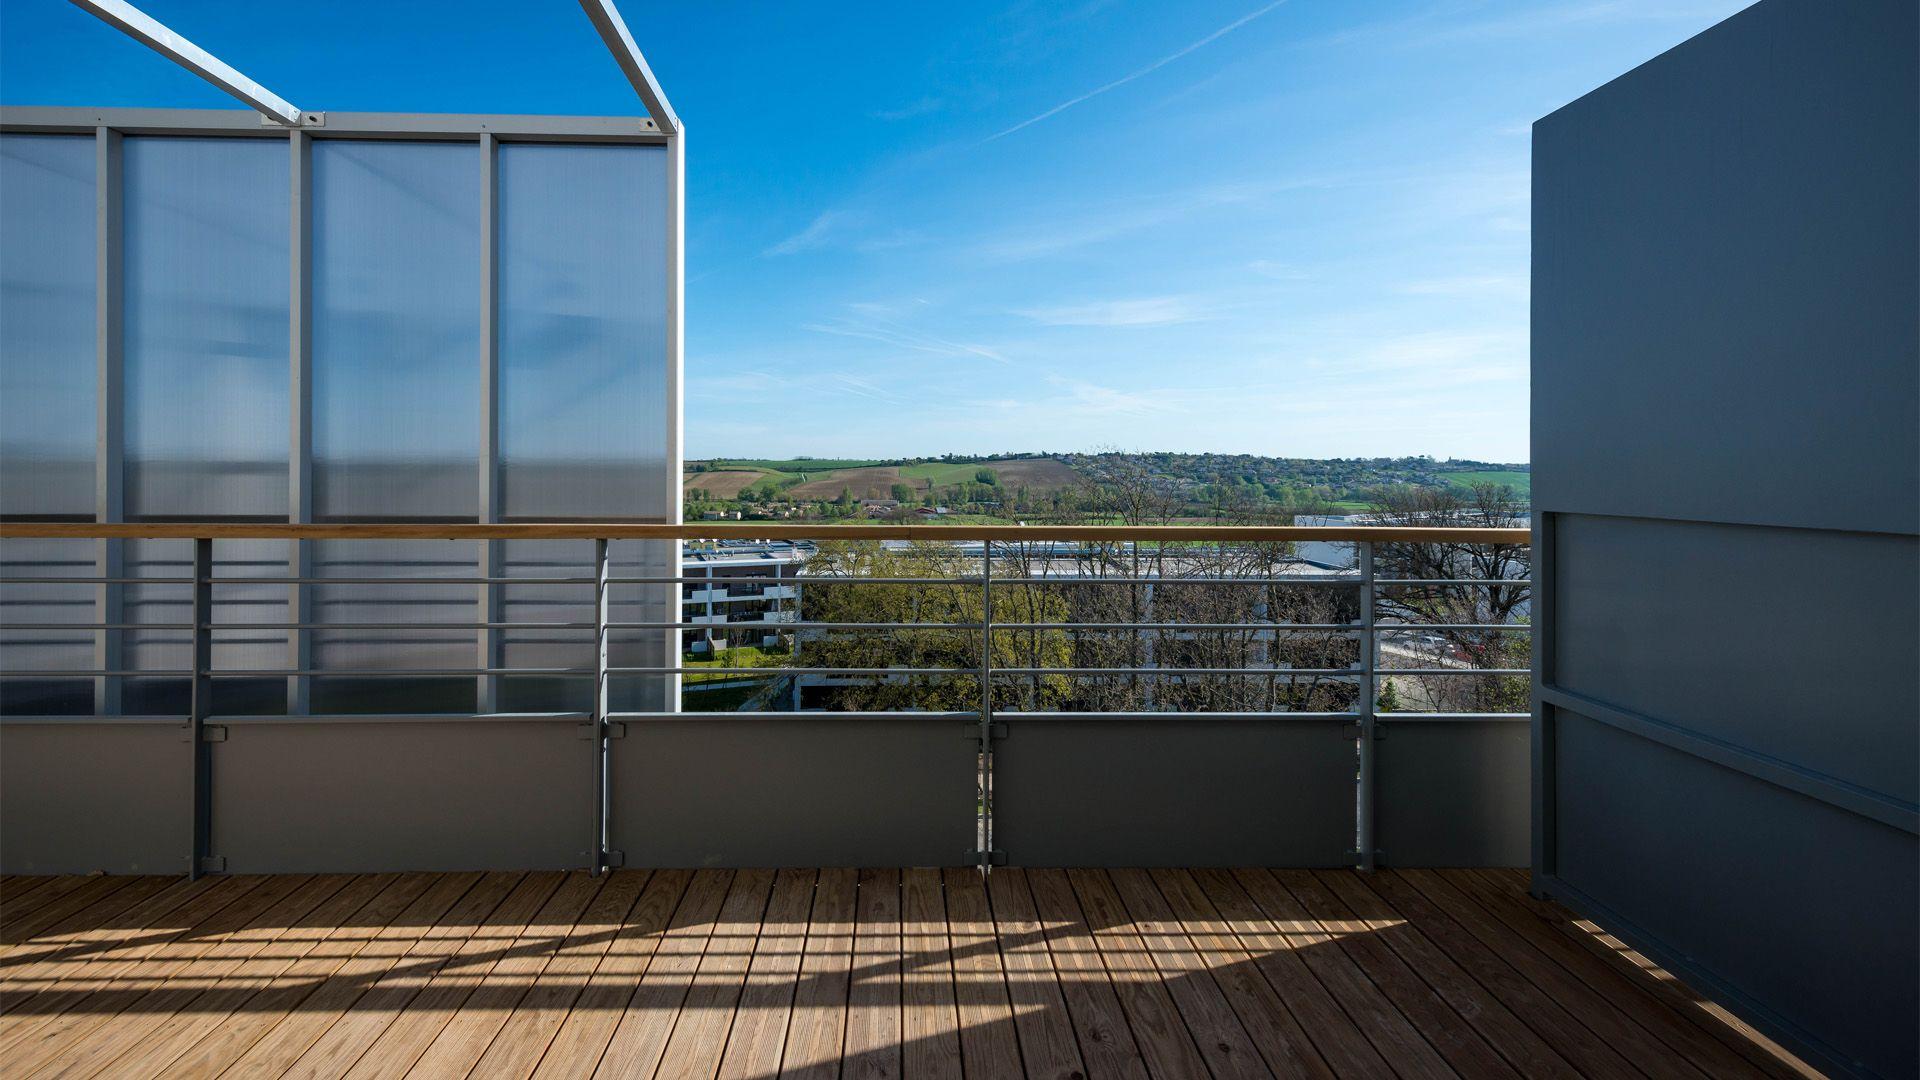 Seuil-architecture-residence-senior-terrasse-vue-slid